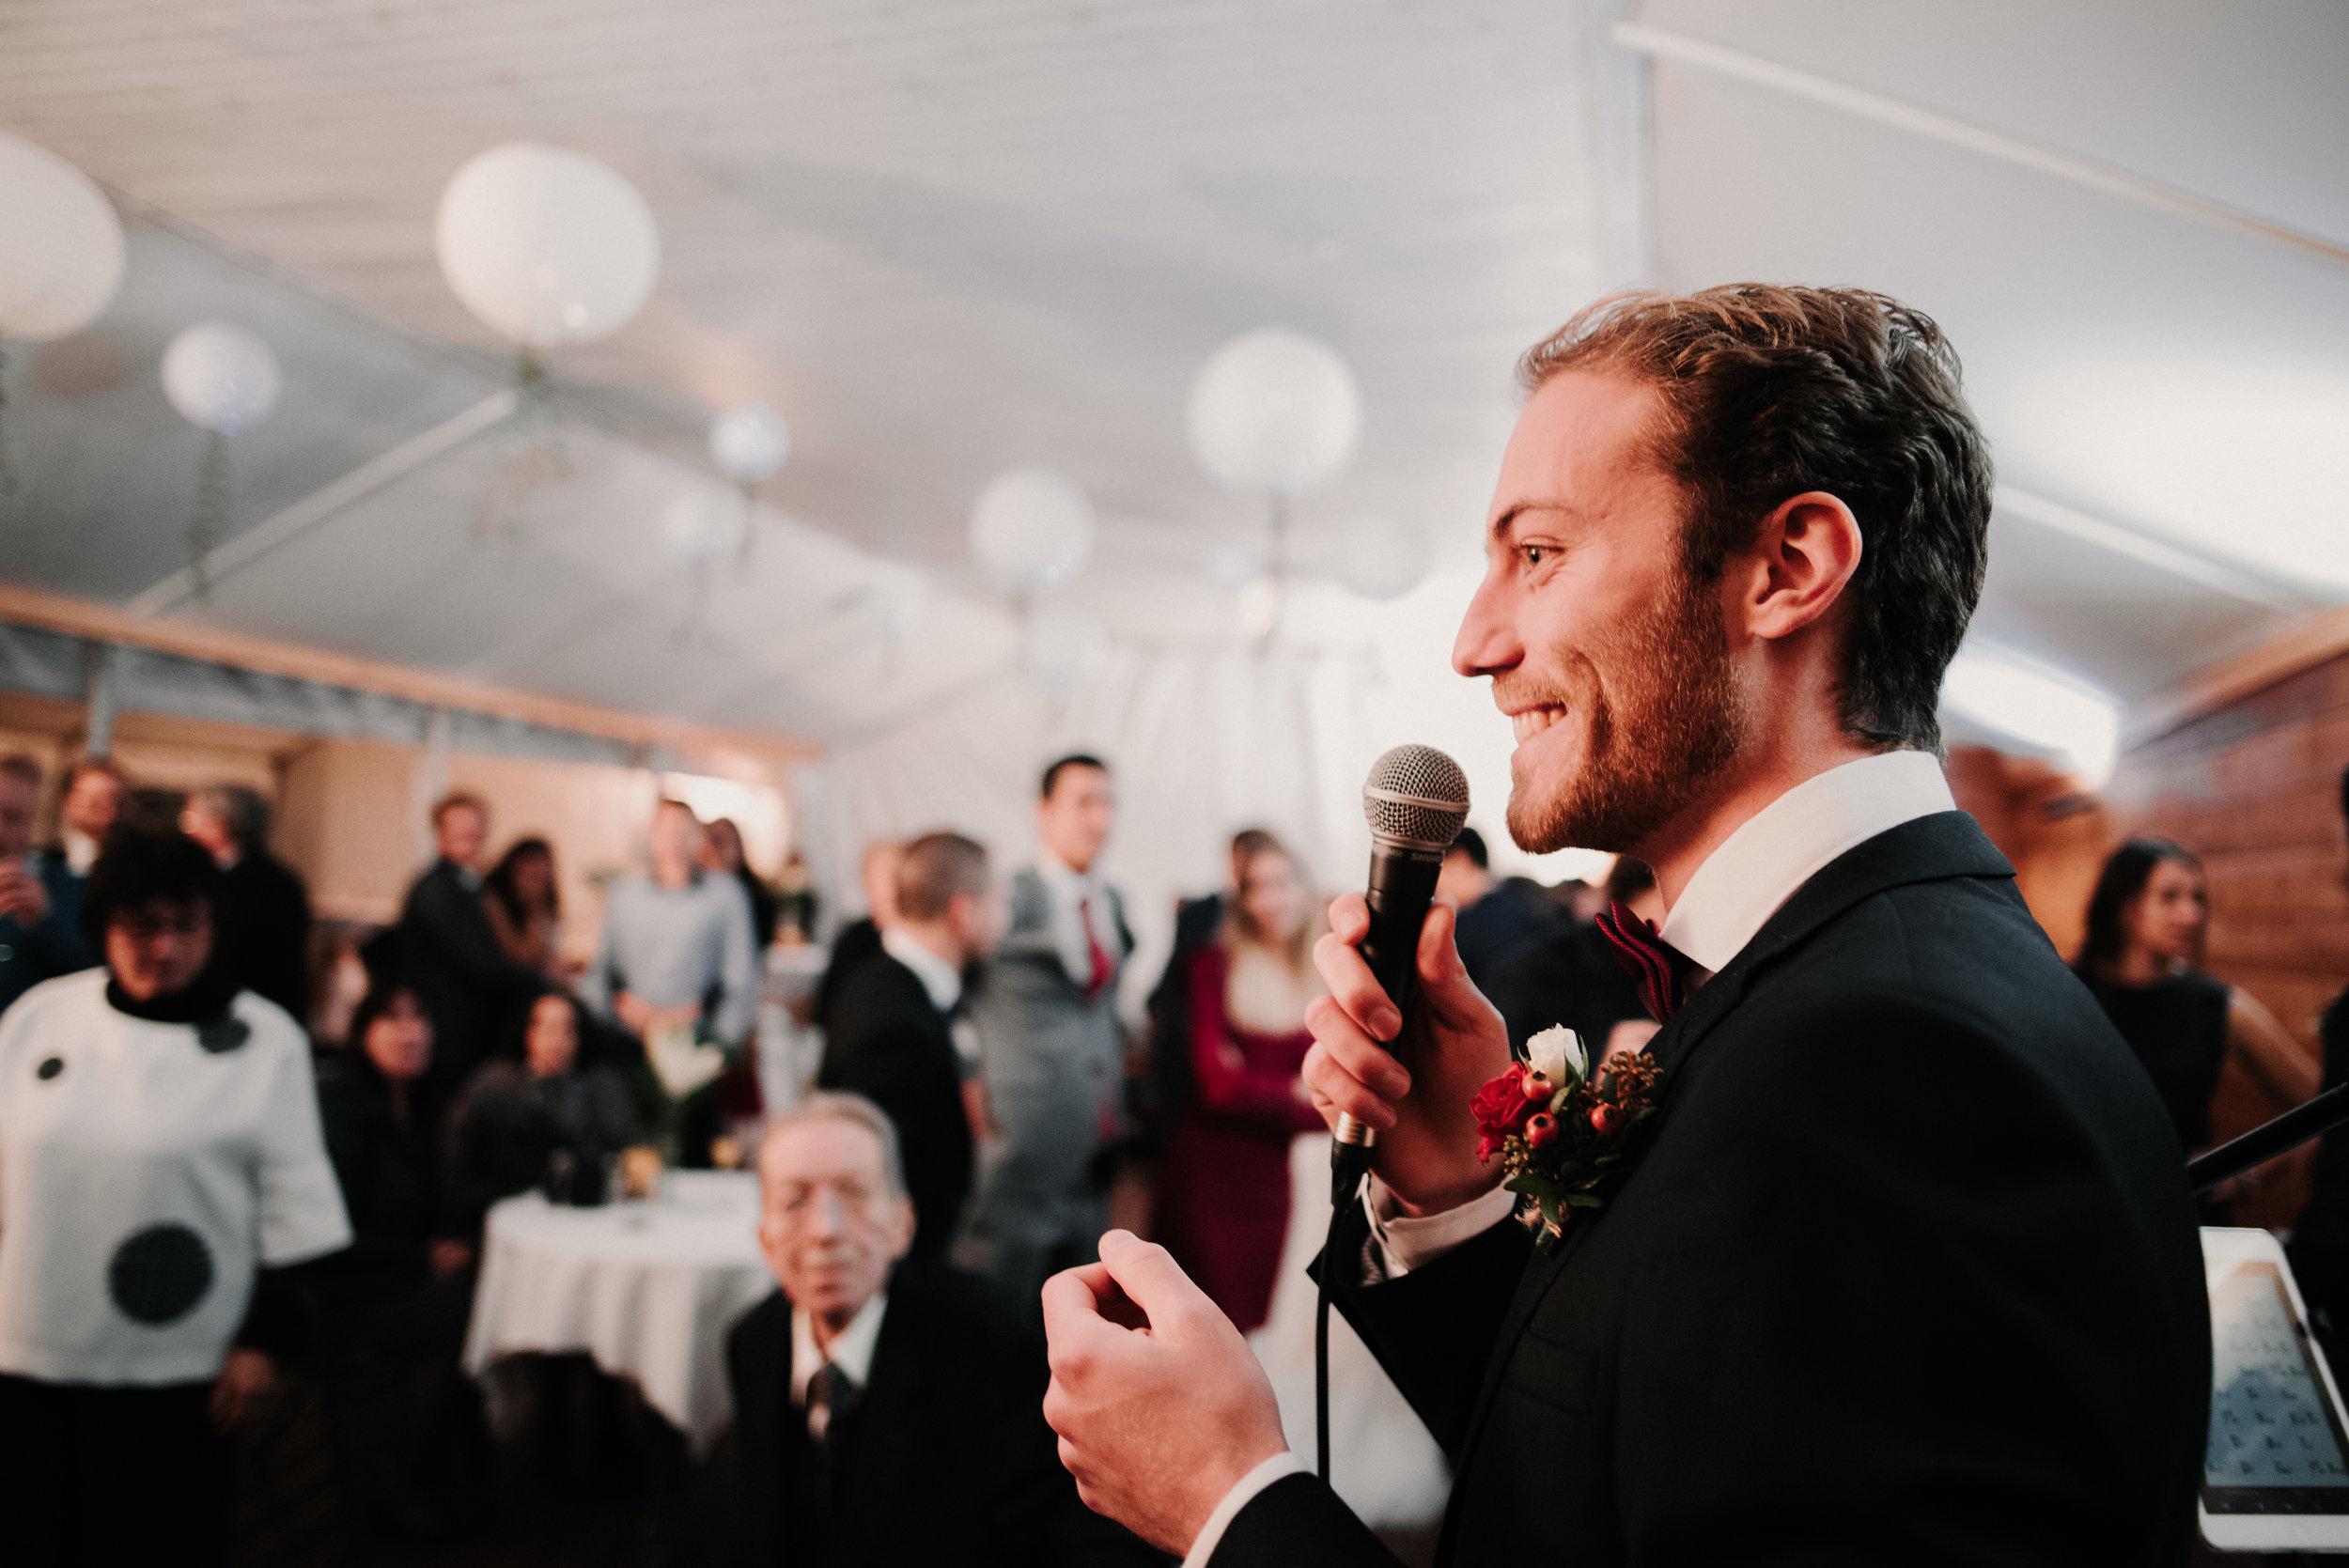 Léa-Fery-photographe-professionnel-lyon-rhone-alpes-portrait-creation-mariage-evenement-evenementiel-famille-2-117.jpg